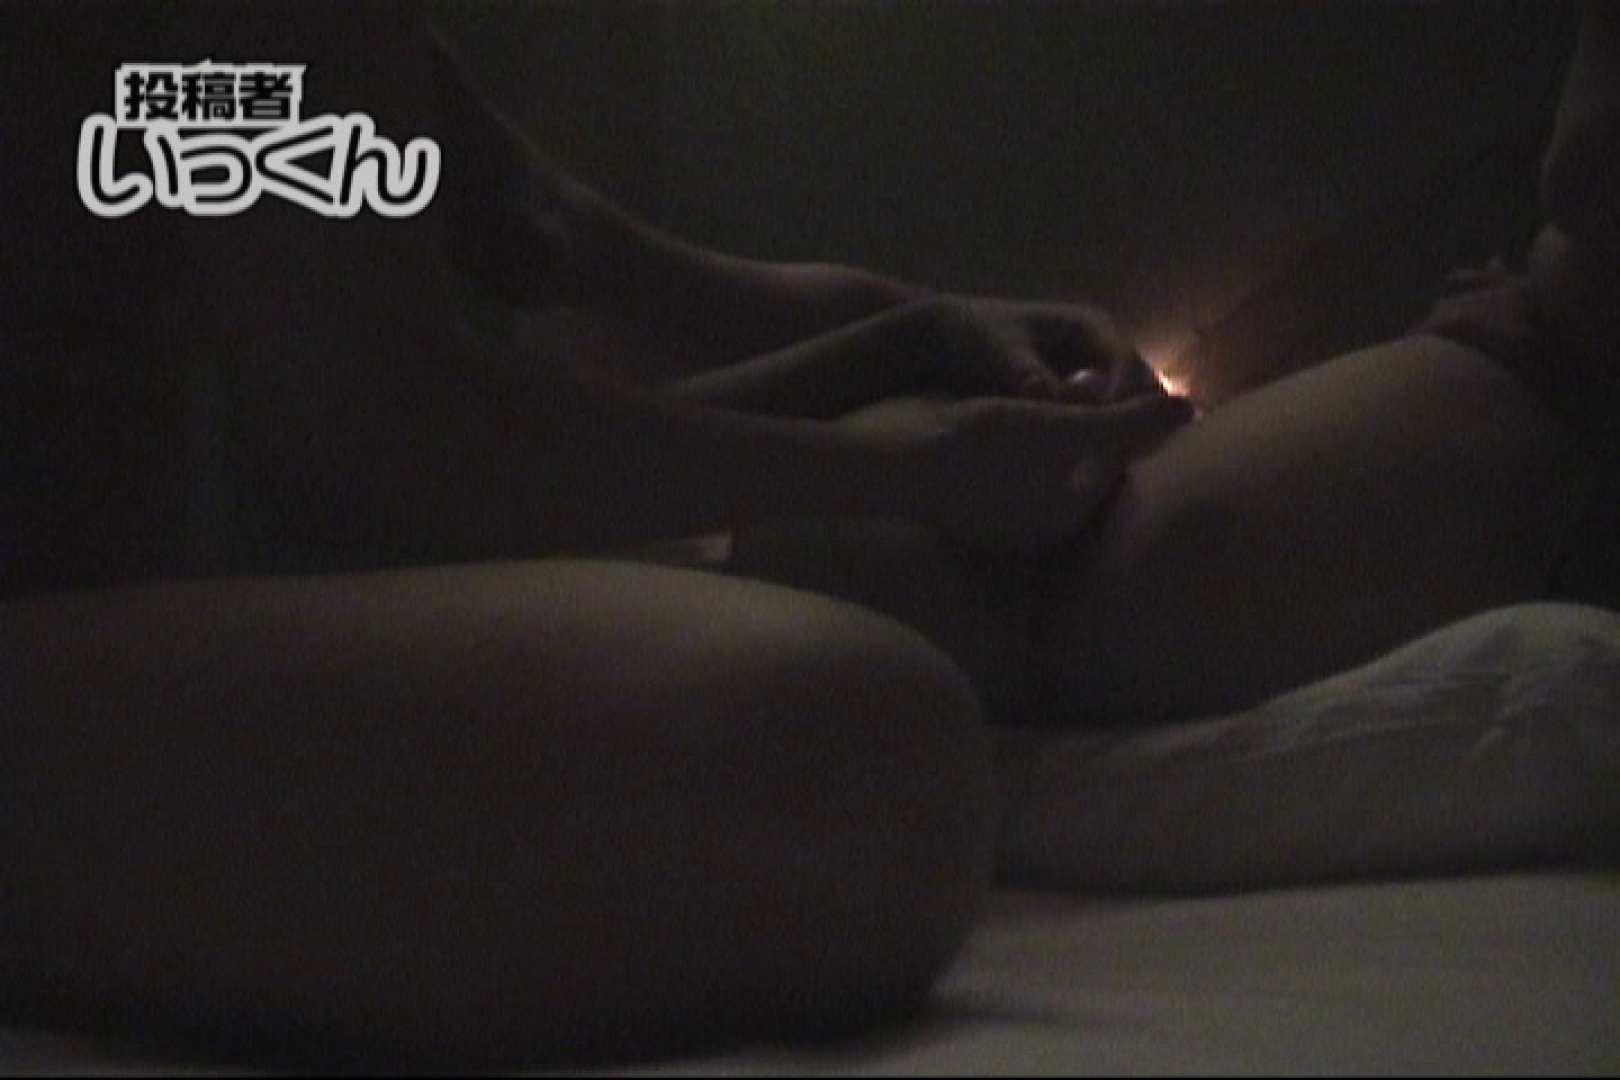 調教師いっくんの 北海道の自衛隊員の彼女24歳えみ 盗撮映像大放出  76連発 12